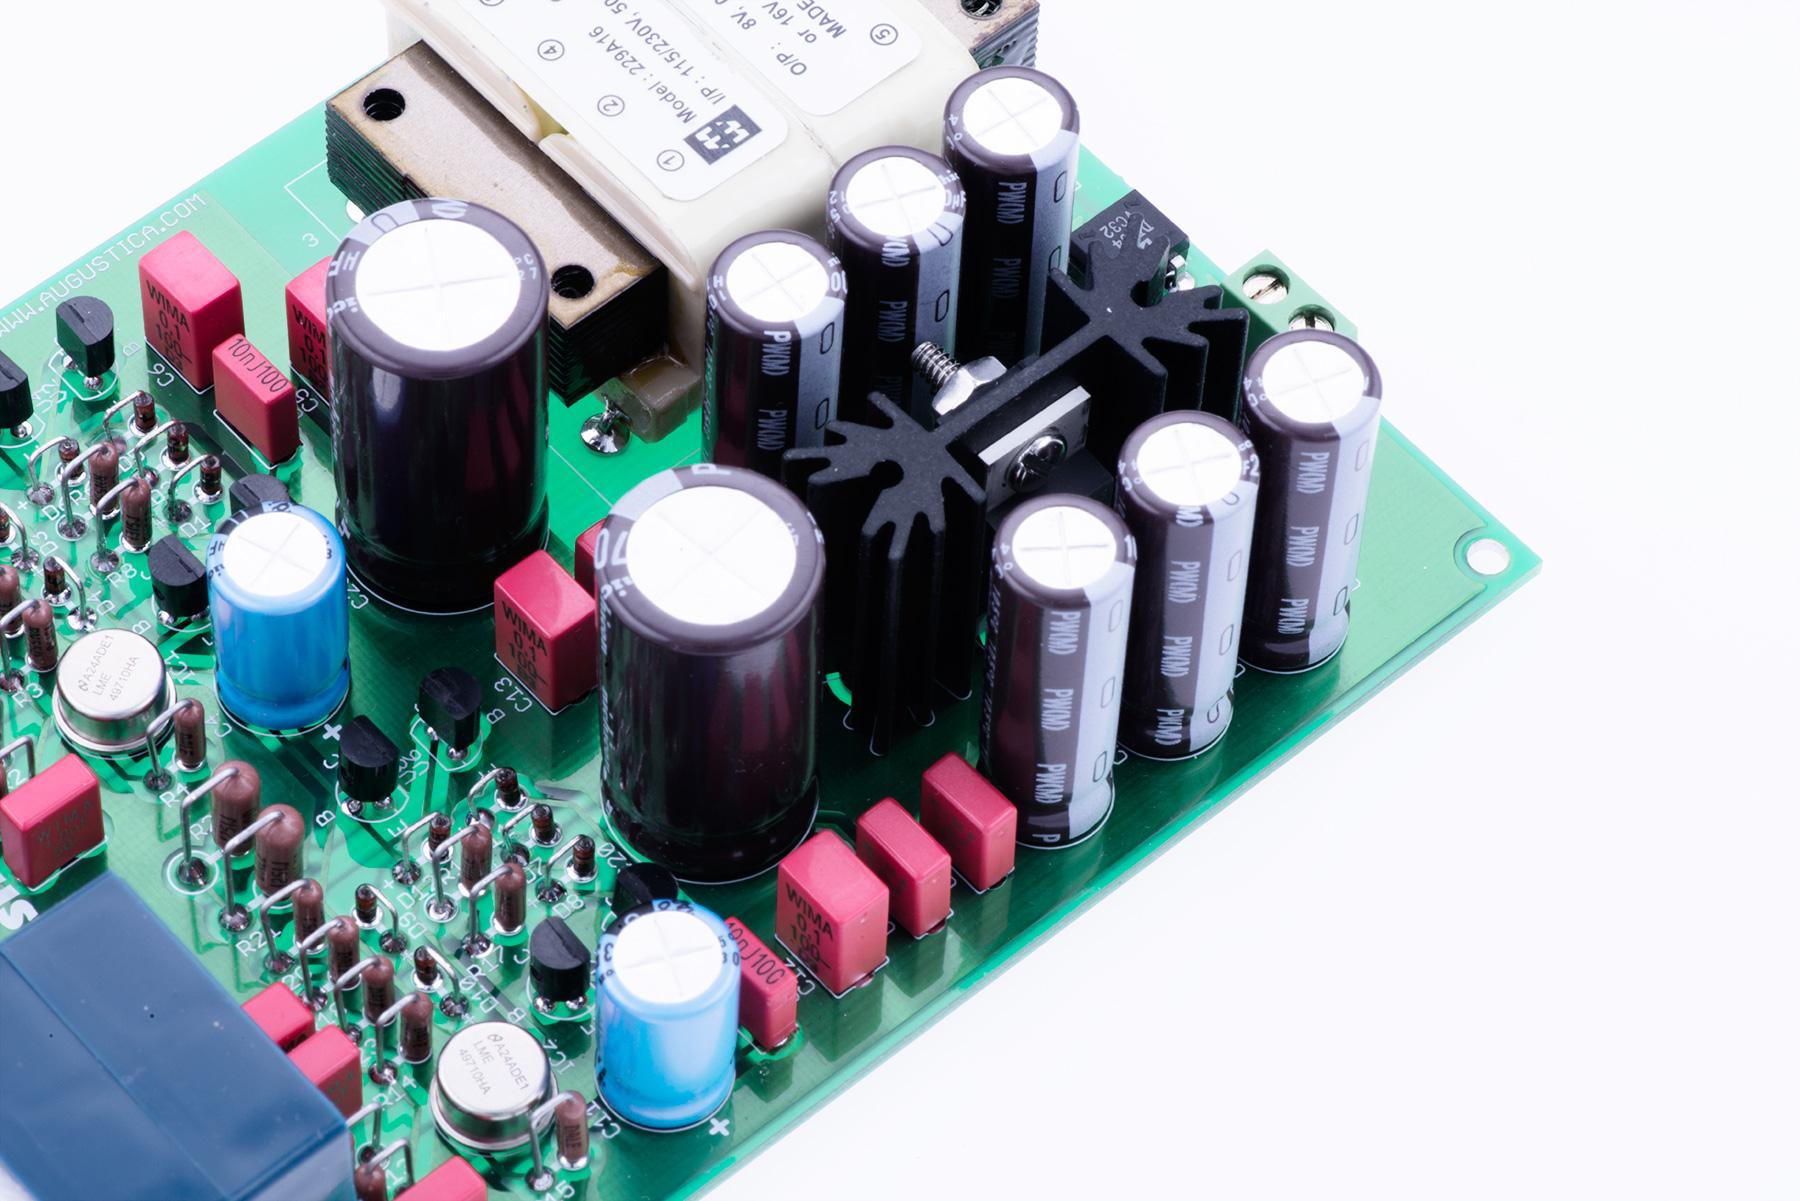 transistor amp kit